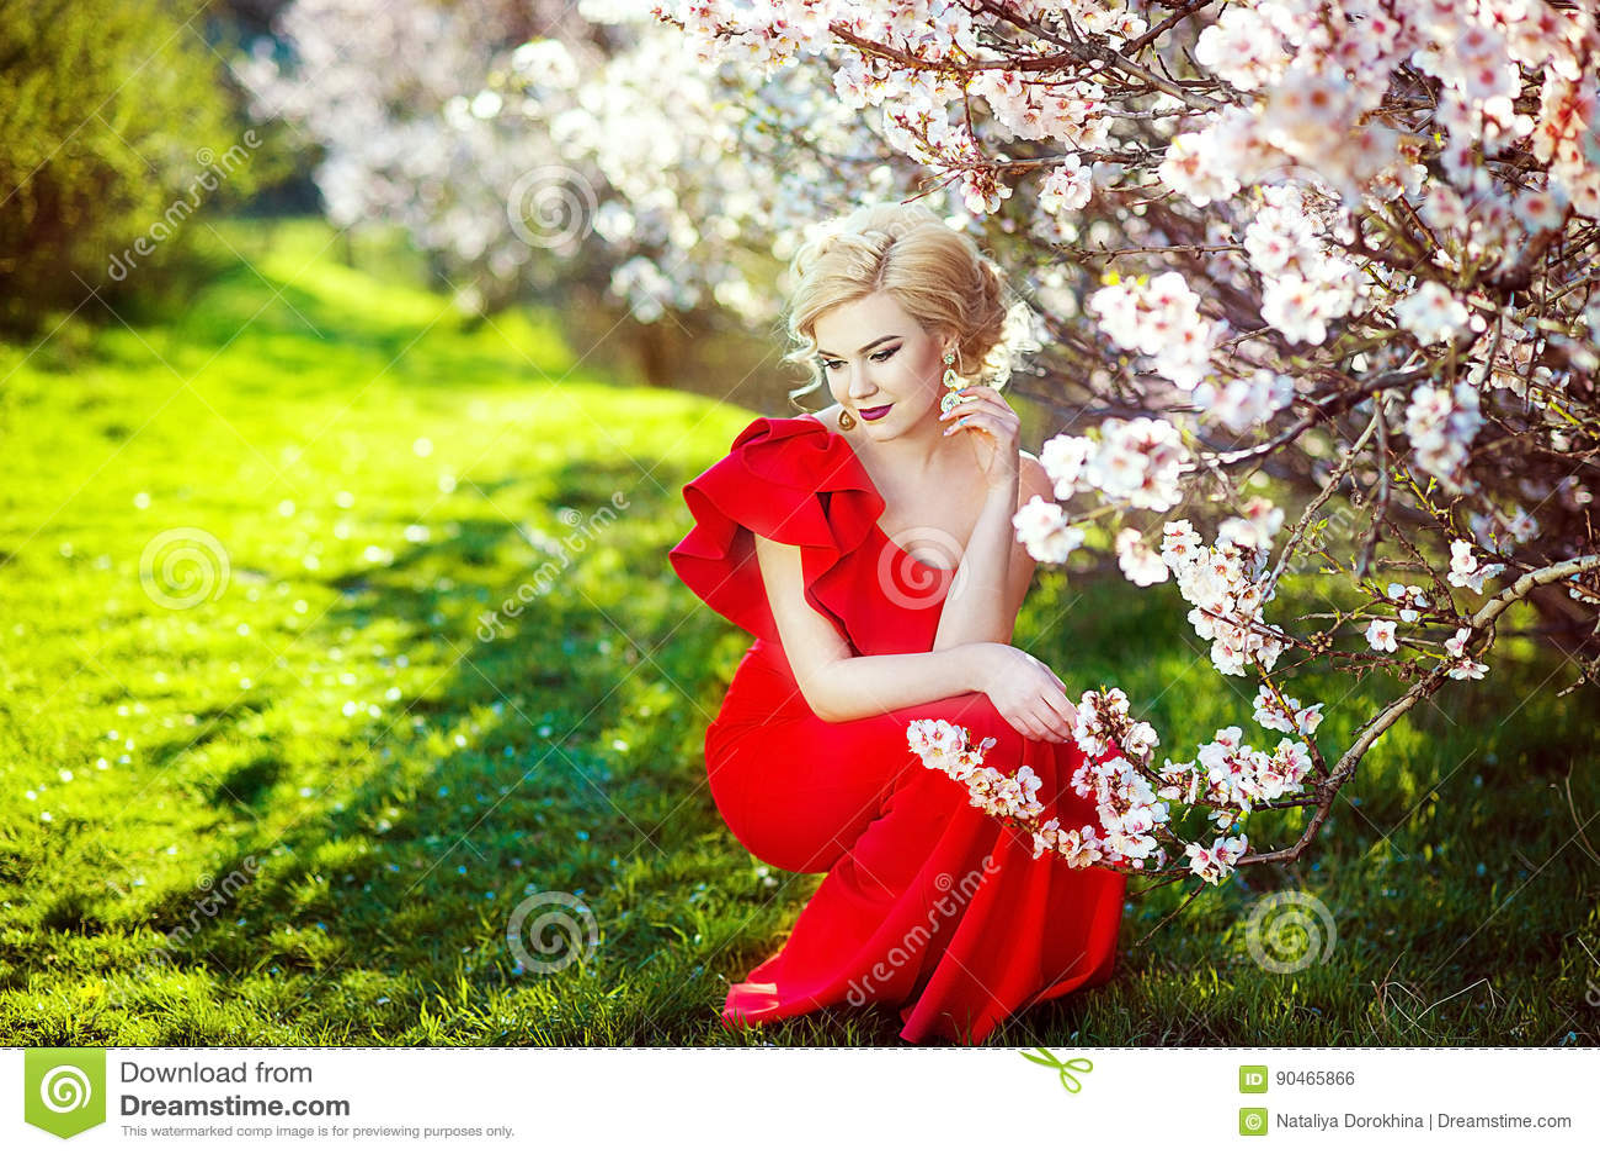 69d6b2bbf11cb Porträt Schönen Jungen Blondine Mit Dem Langen Haar Im Roten Kleid ...